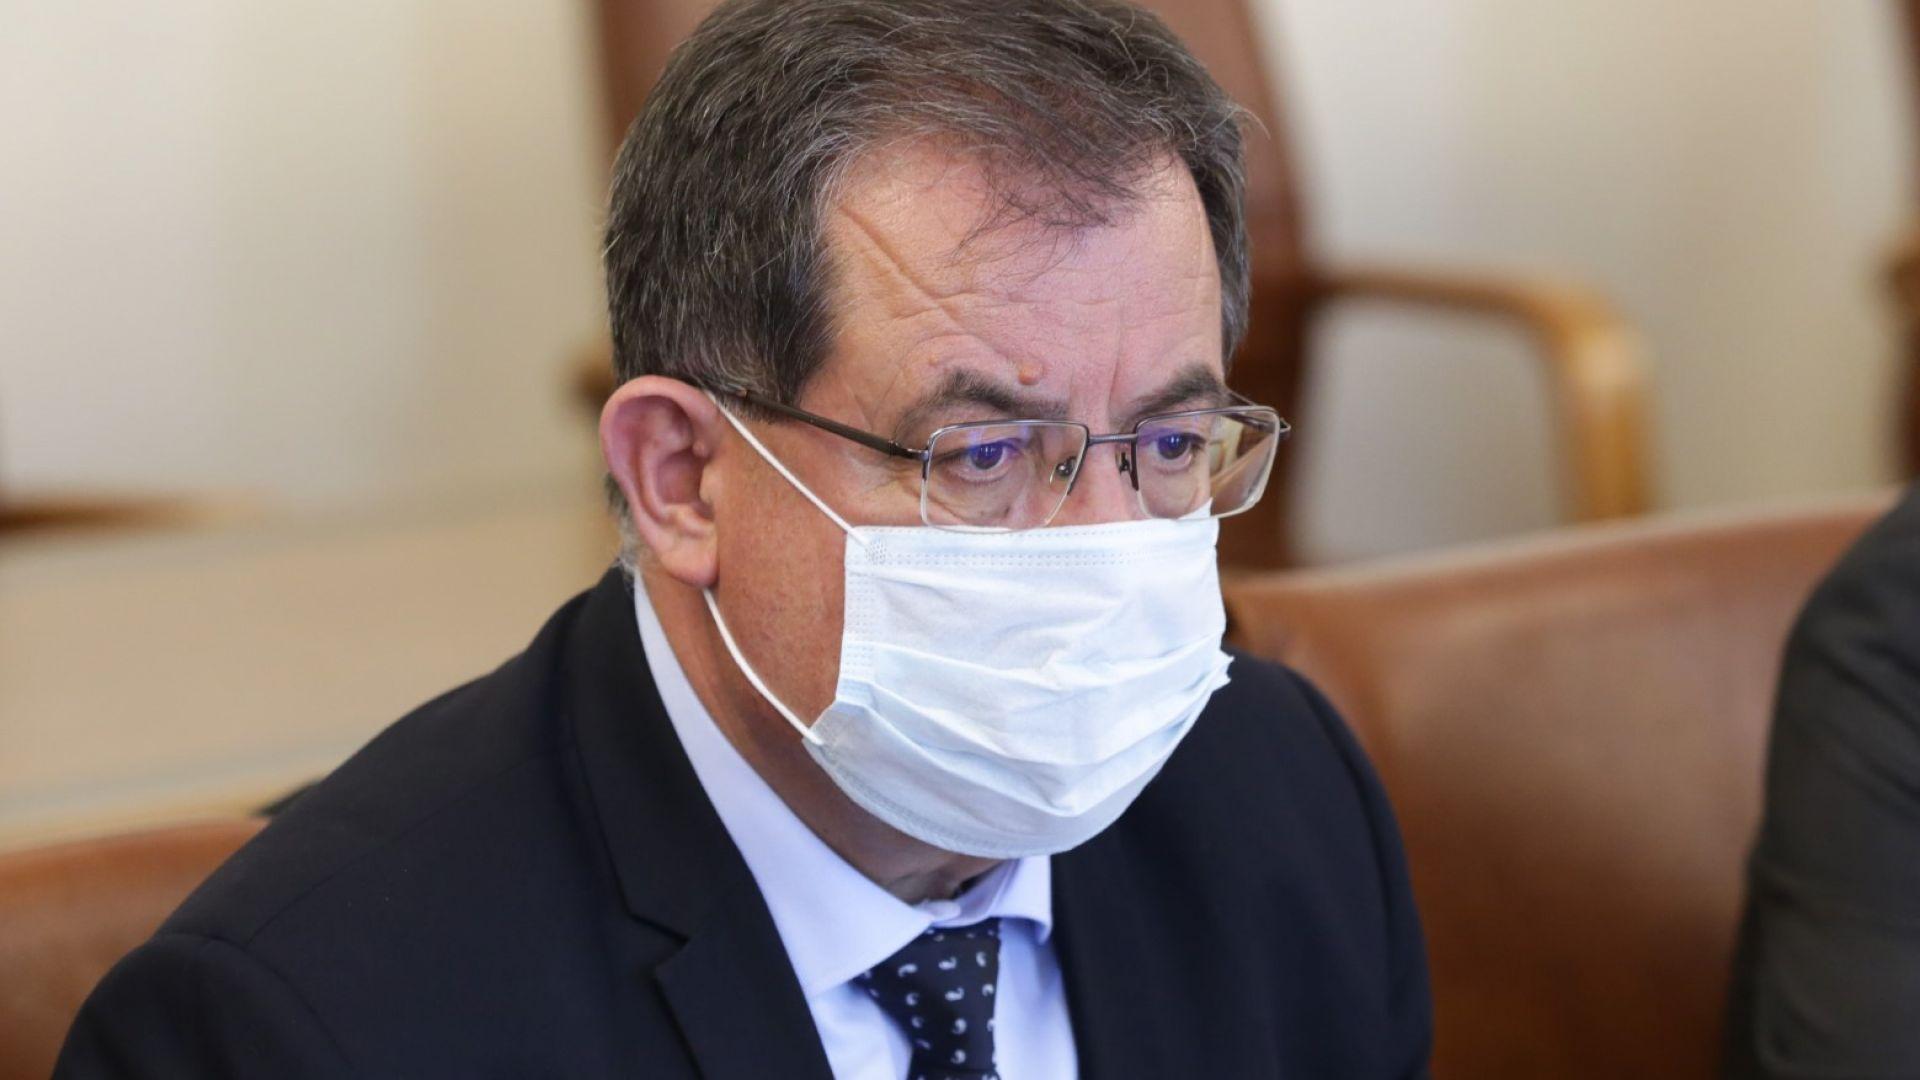 Според служебния министър на земеделието ведомството е в доста тежко състояние